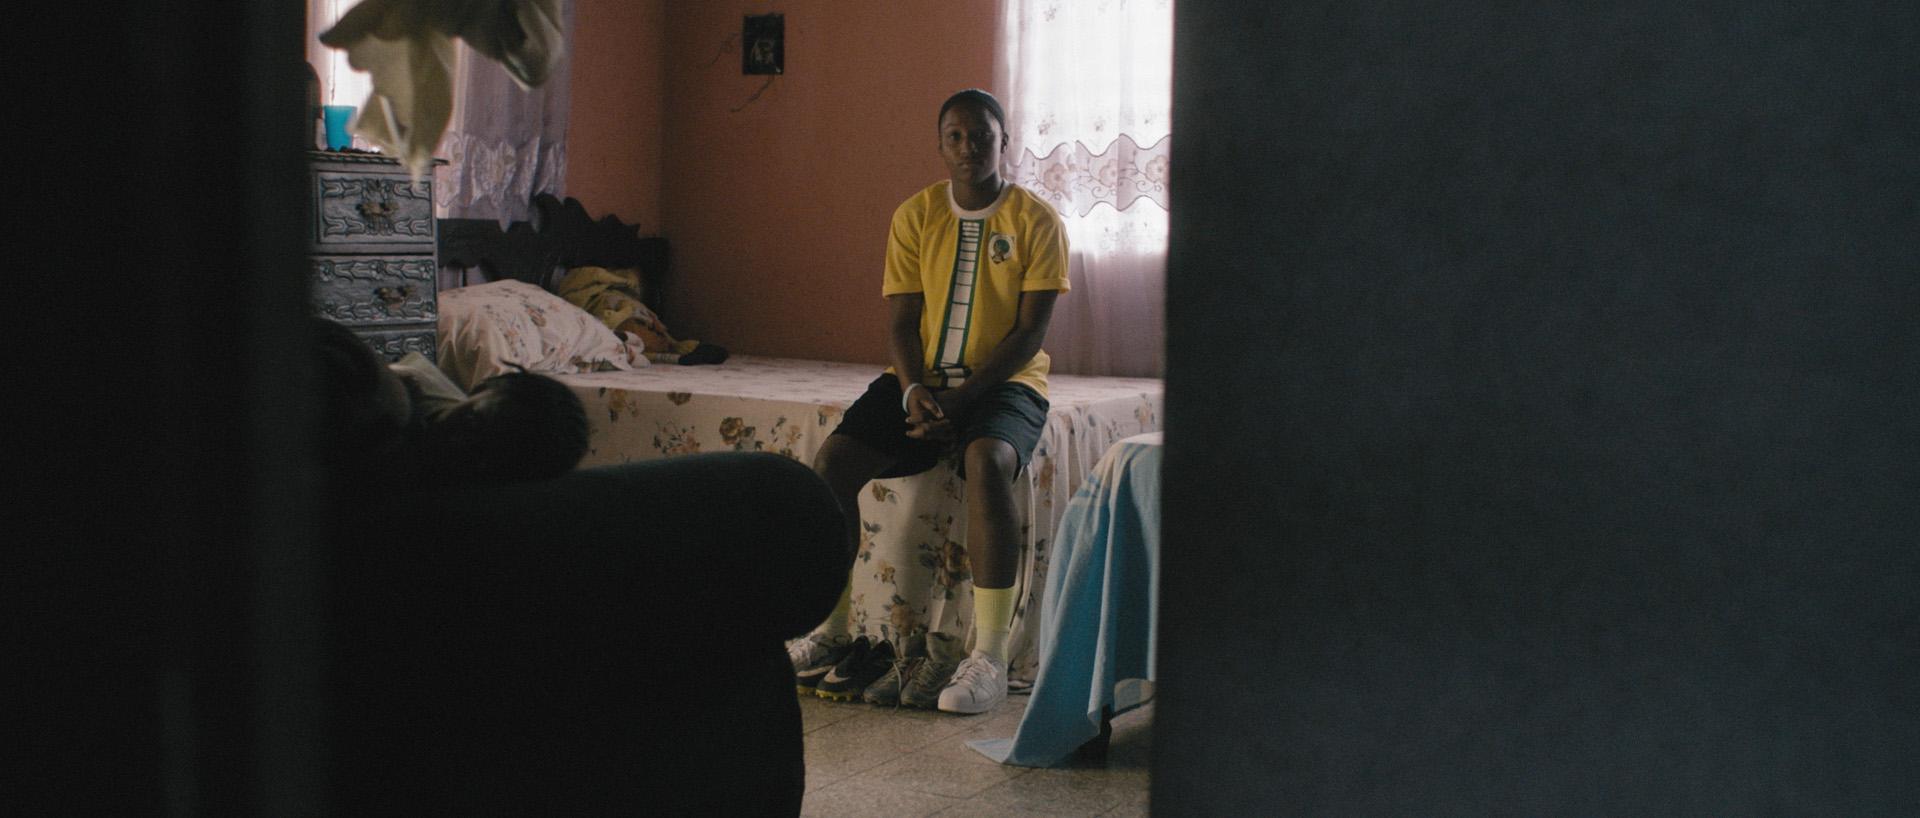 FIFA_Stills_Jamaica_1.1.4.jpg